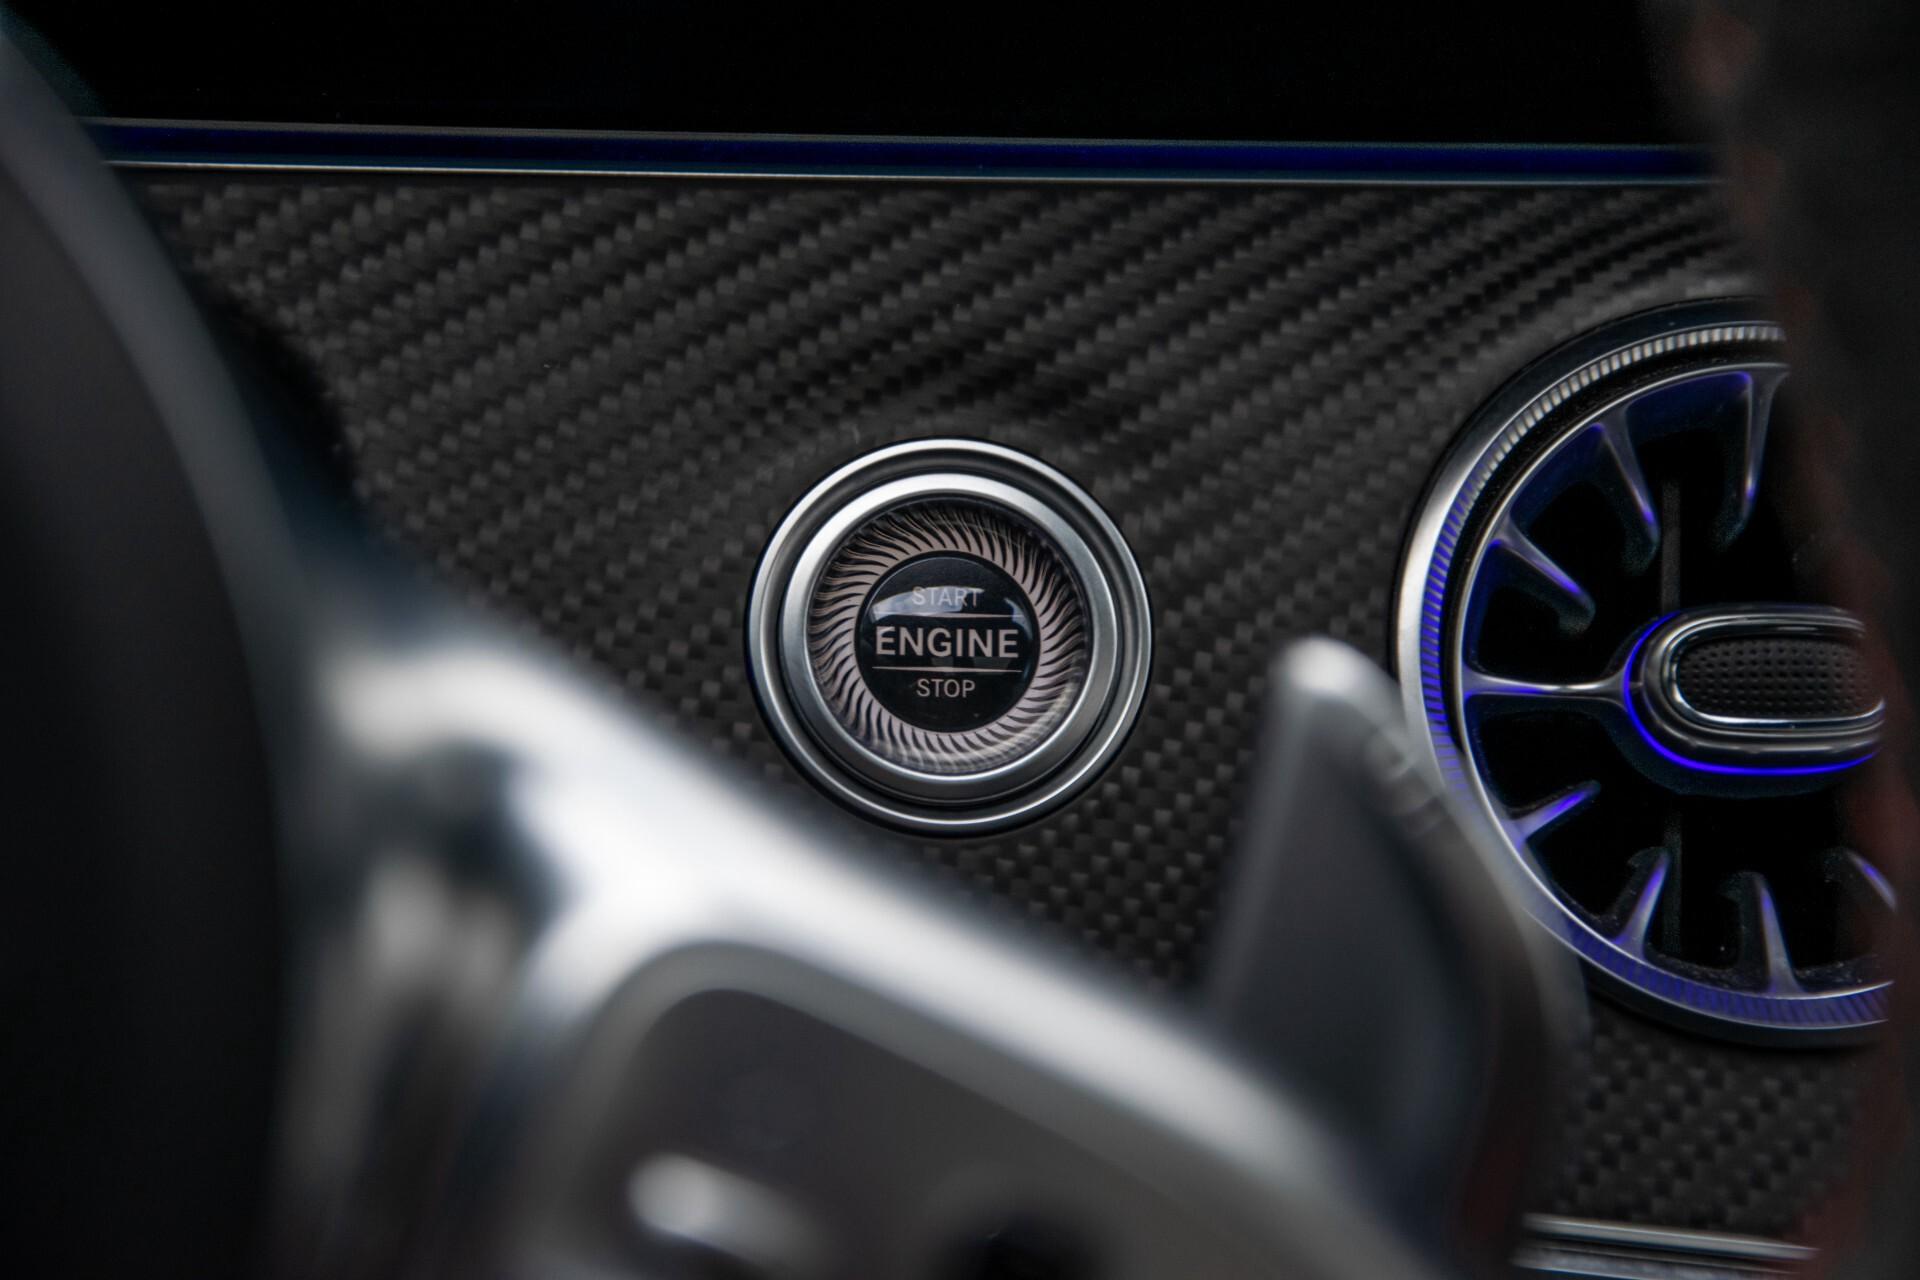 Mercedes-Benz AMG GT 4-Door Coupe 63 S 4M+ Keramisch/Full Carbon/Aerodynamica/Burmester 3D/TV/Performance stoelen/Standkachel Aut9 Foto 16